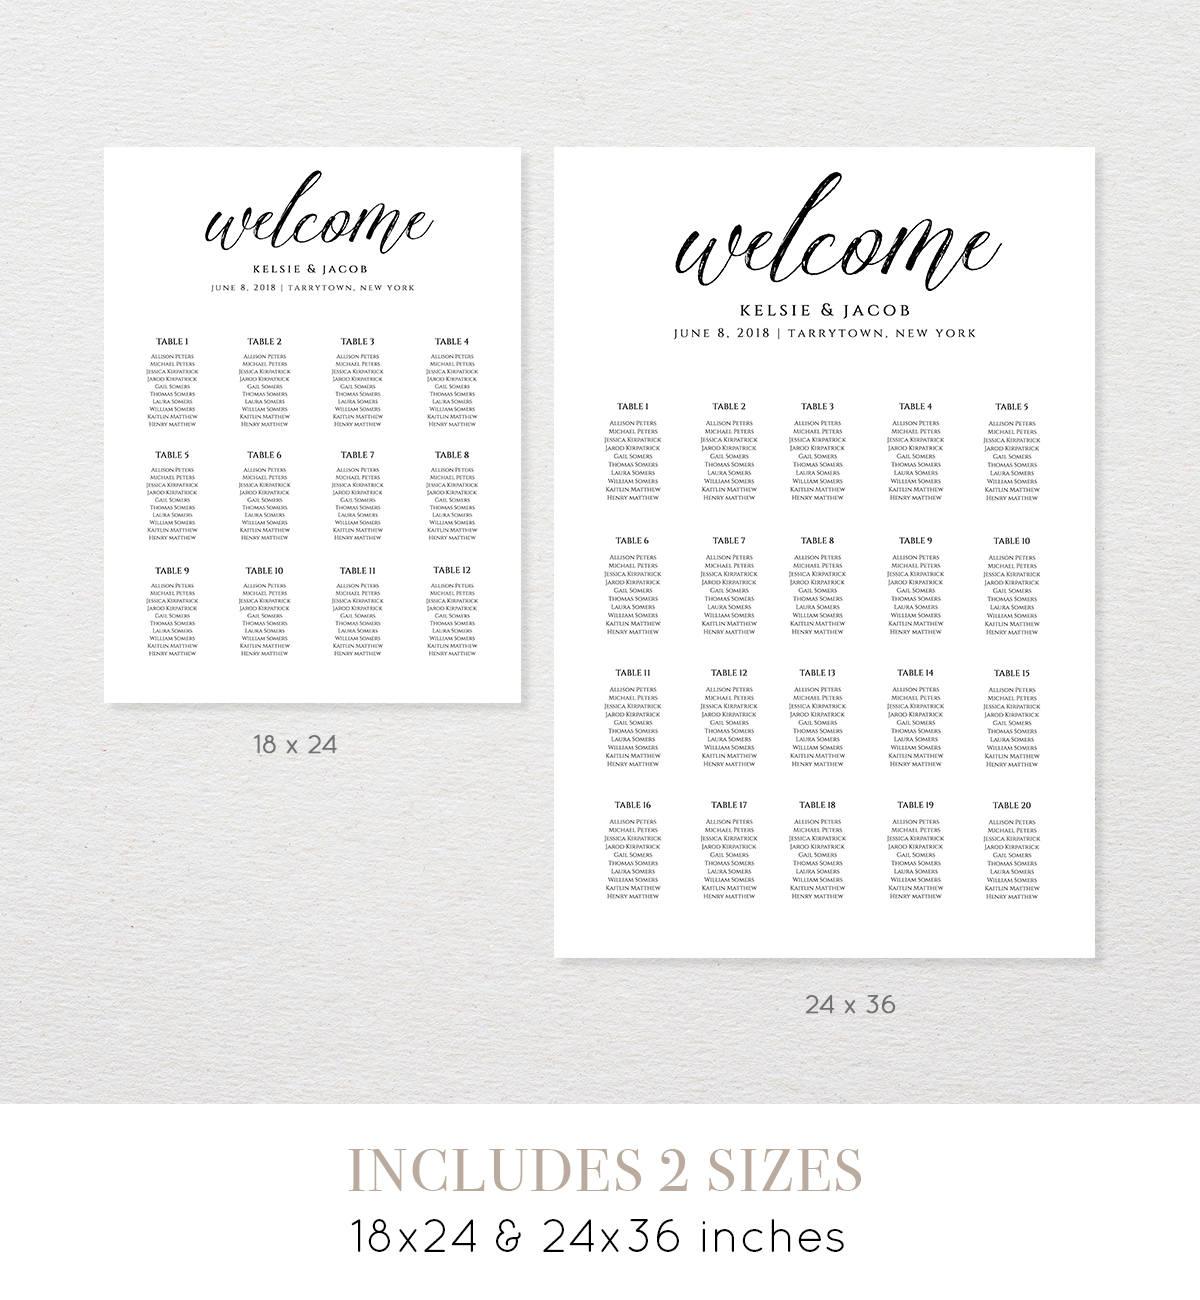 Wedding Seating Chart Template, Editable, Table